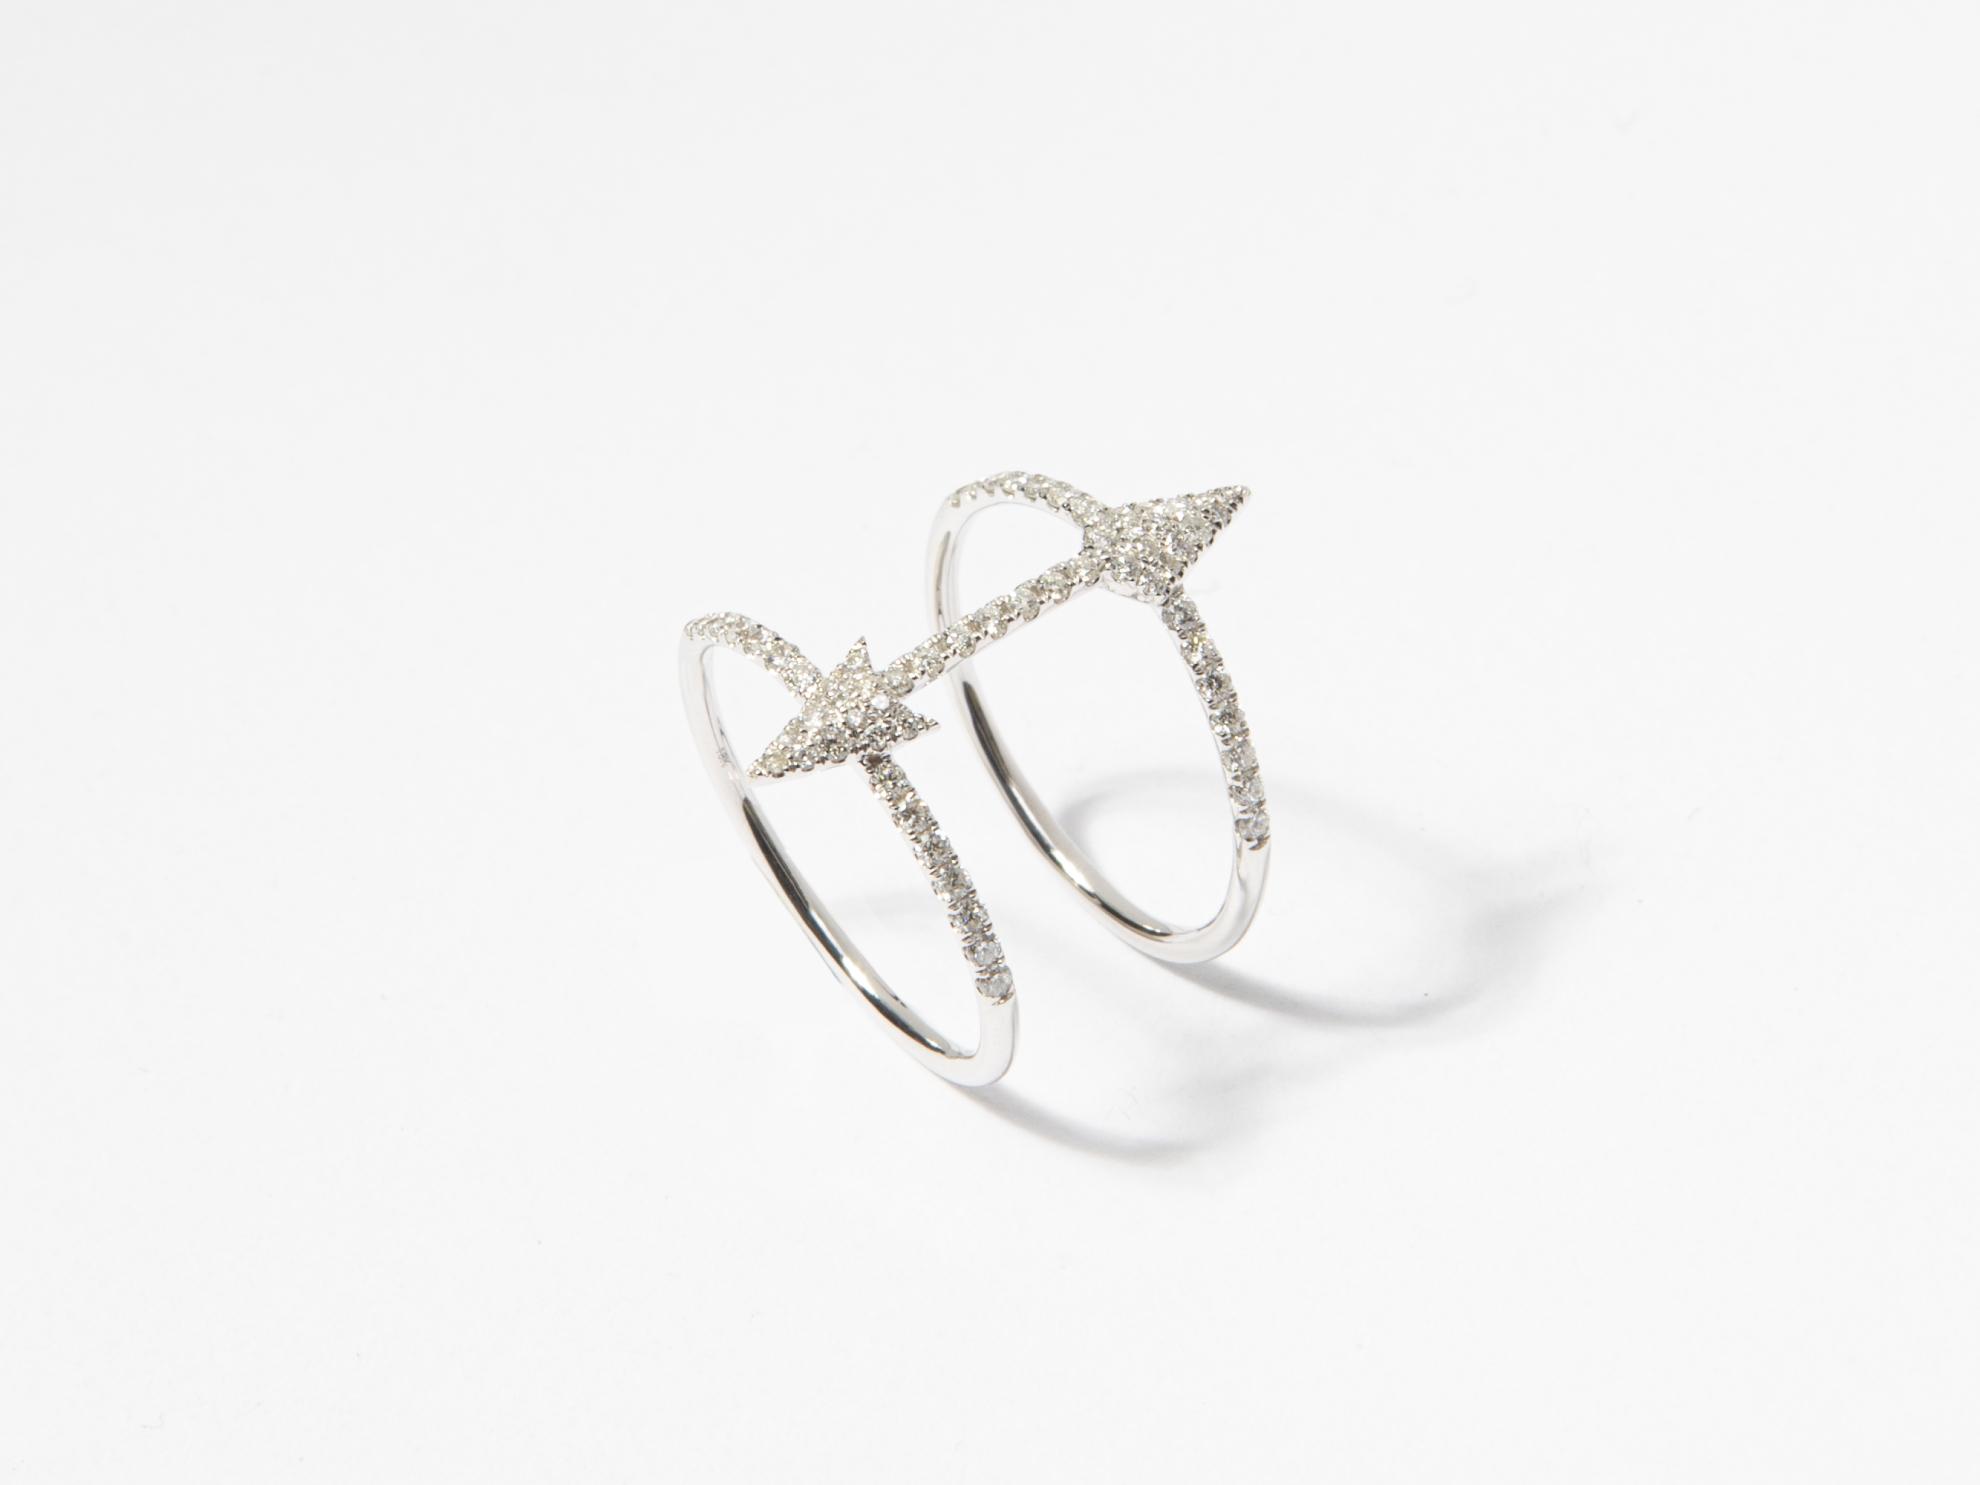 Anello fascia in oro bianco con doppia freccia in brillanti - Ivy Gioielli Prato